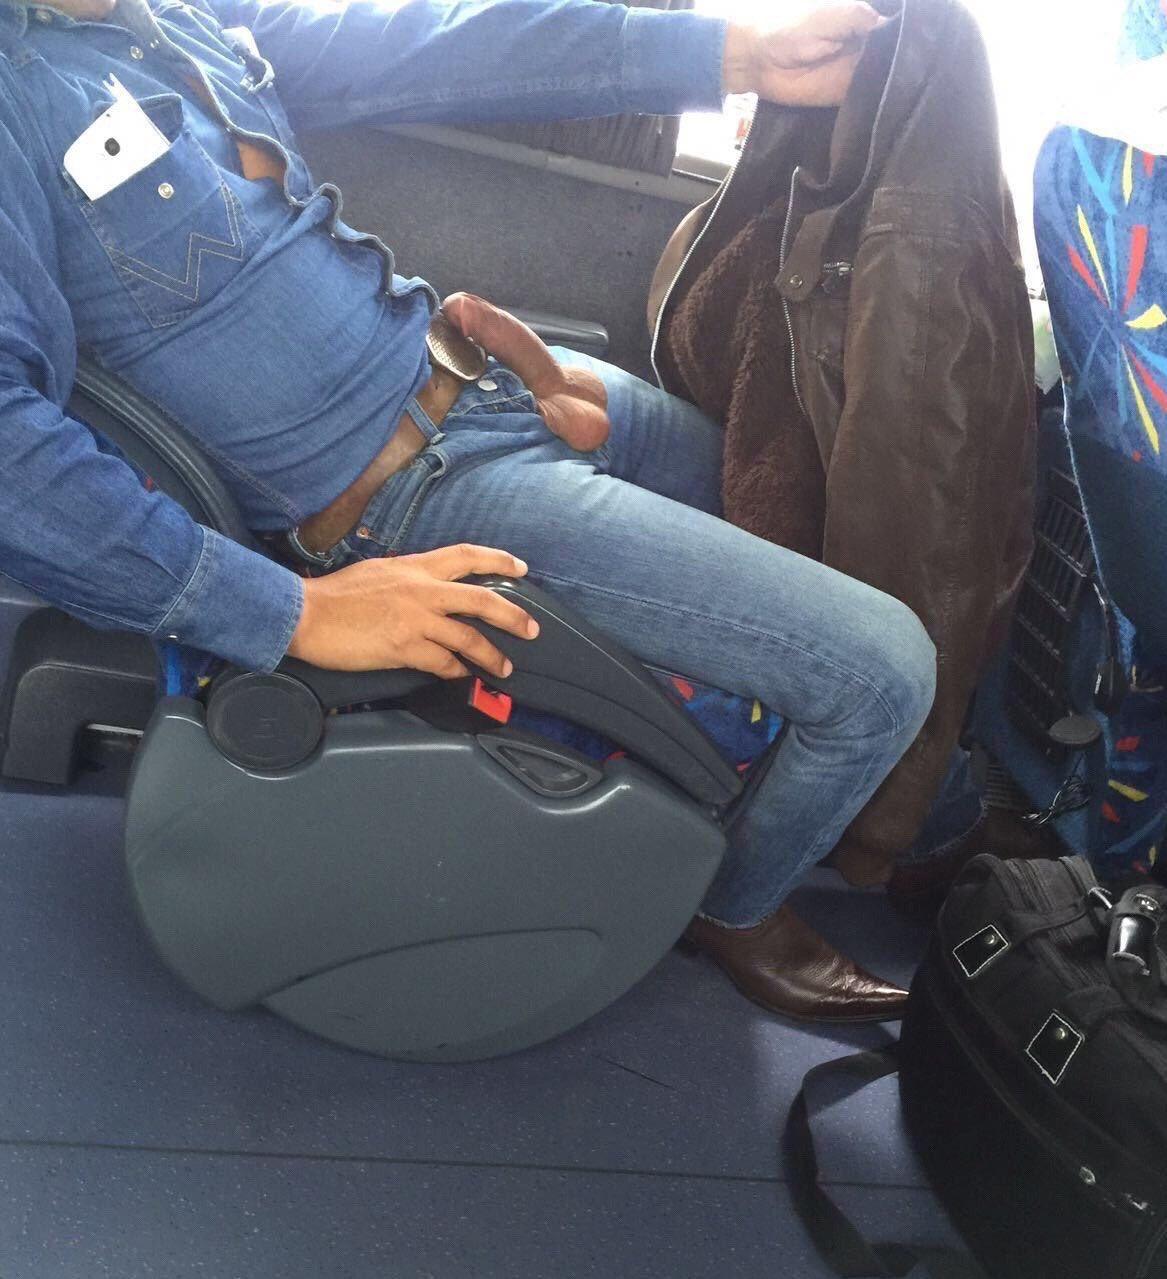 penes en un bus